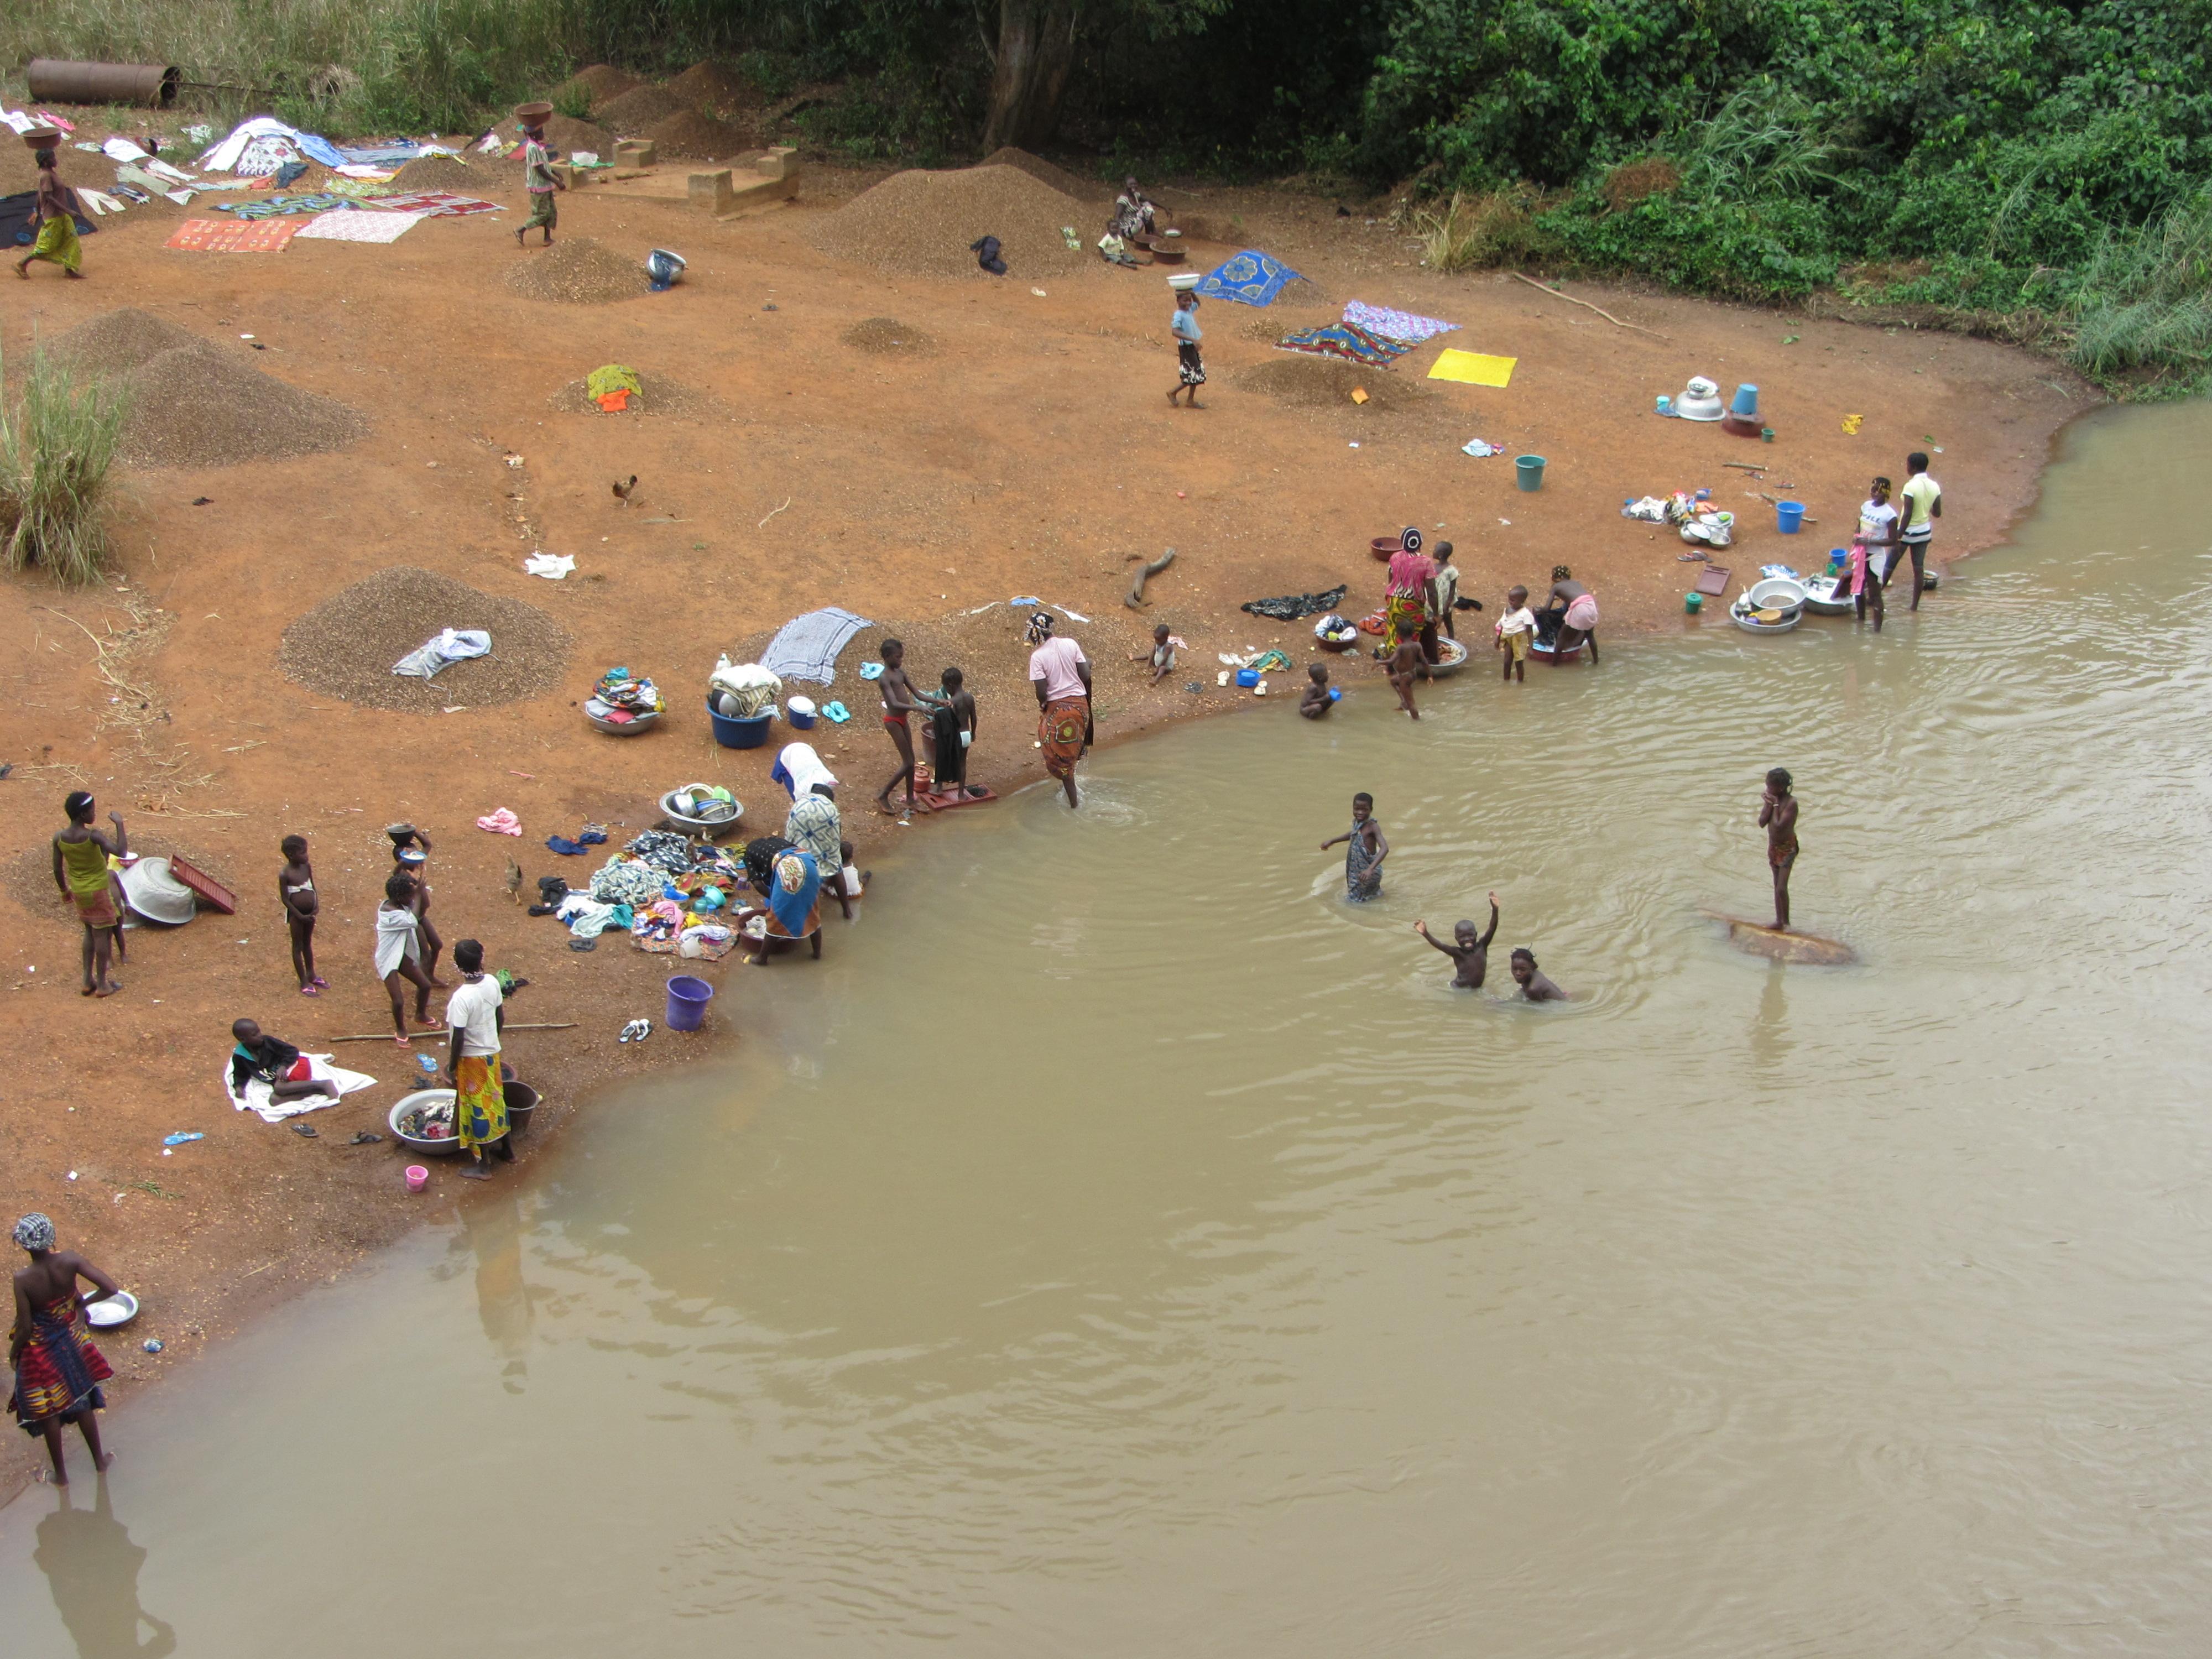 Mujeres y niños lavando y bañándose a la vera del río